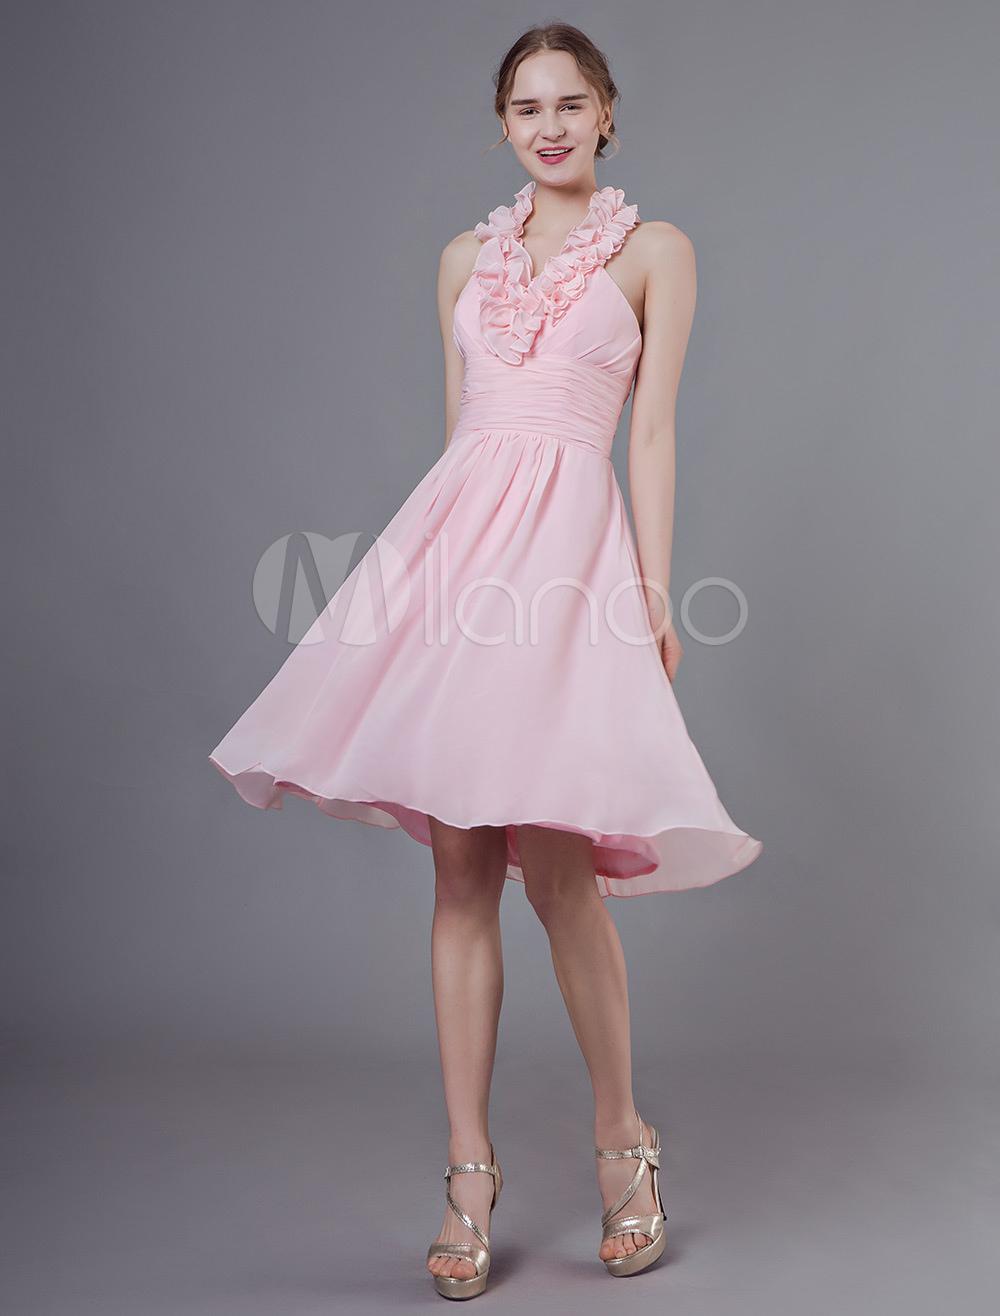 b38d6233eb76 Abiti da damigella d onore brevi Abito da cerimonia nuziale al ginocchio in  chiffon rosa ...